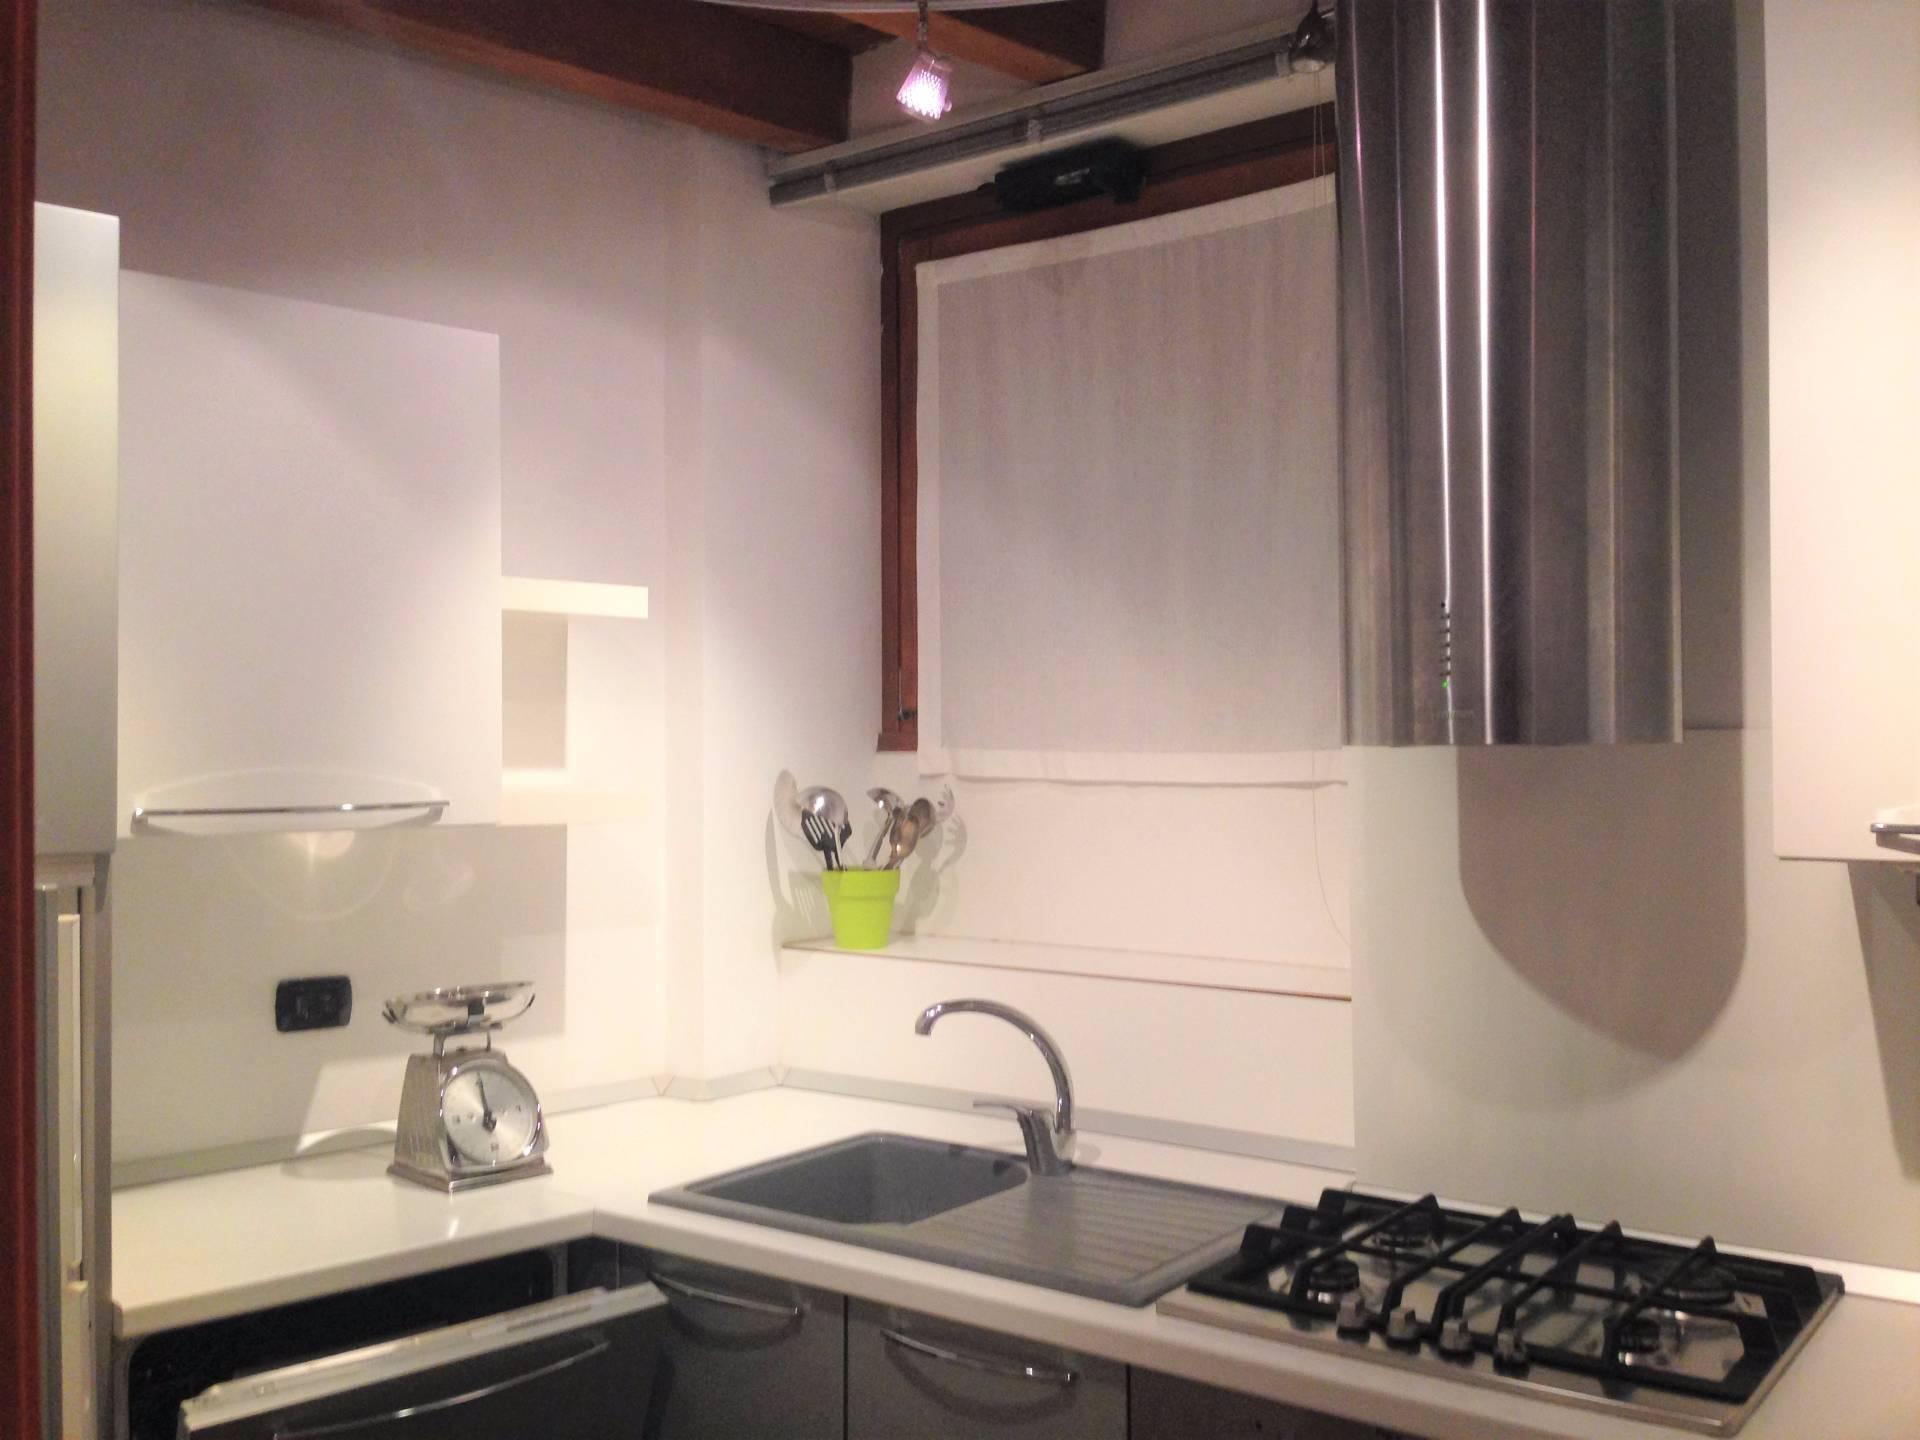 Appartamenti in affitto a bergamo i migliori immobili a for Appartamenti in affitto bergamo